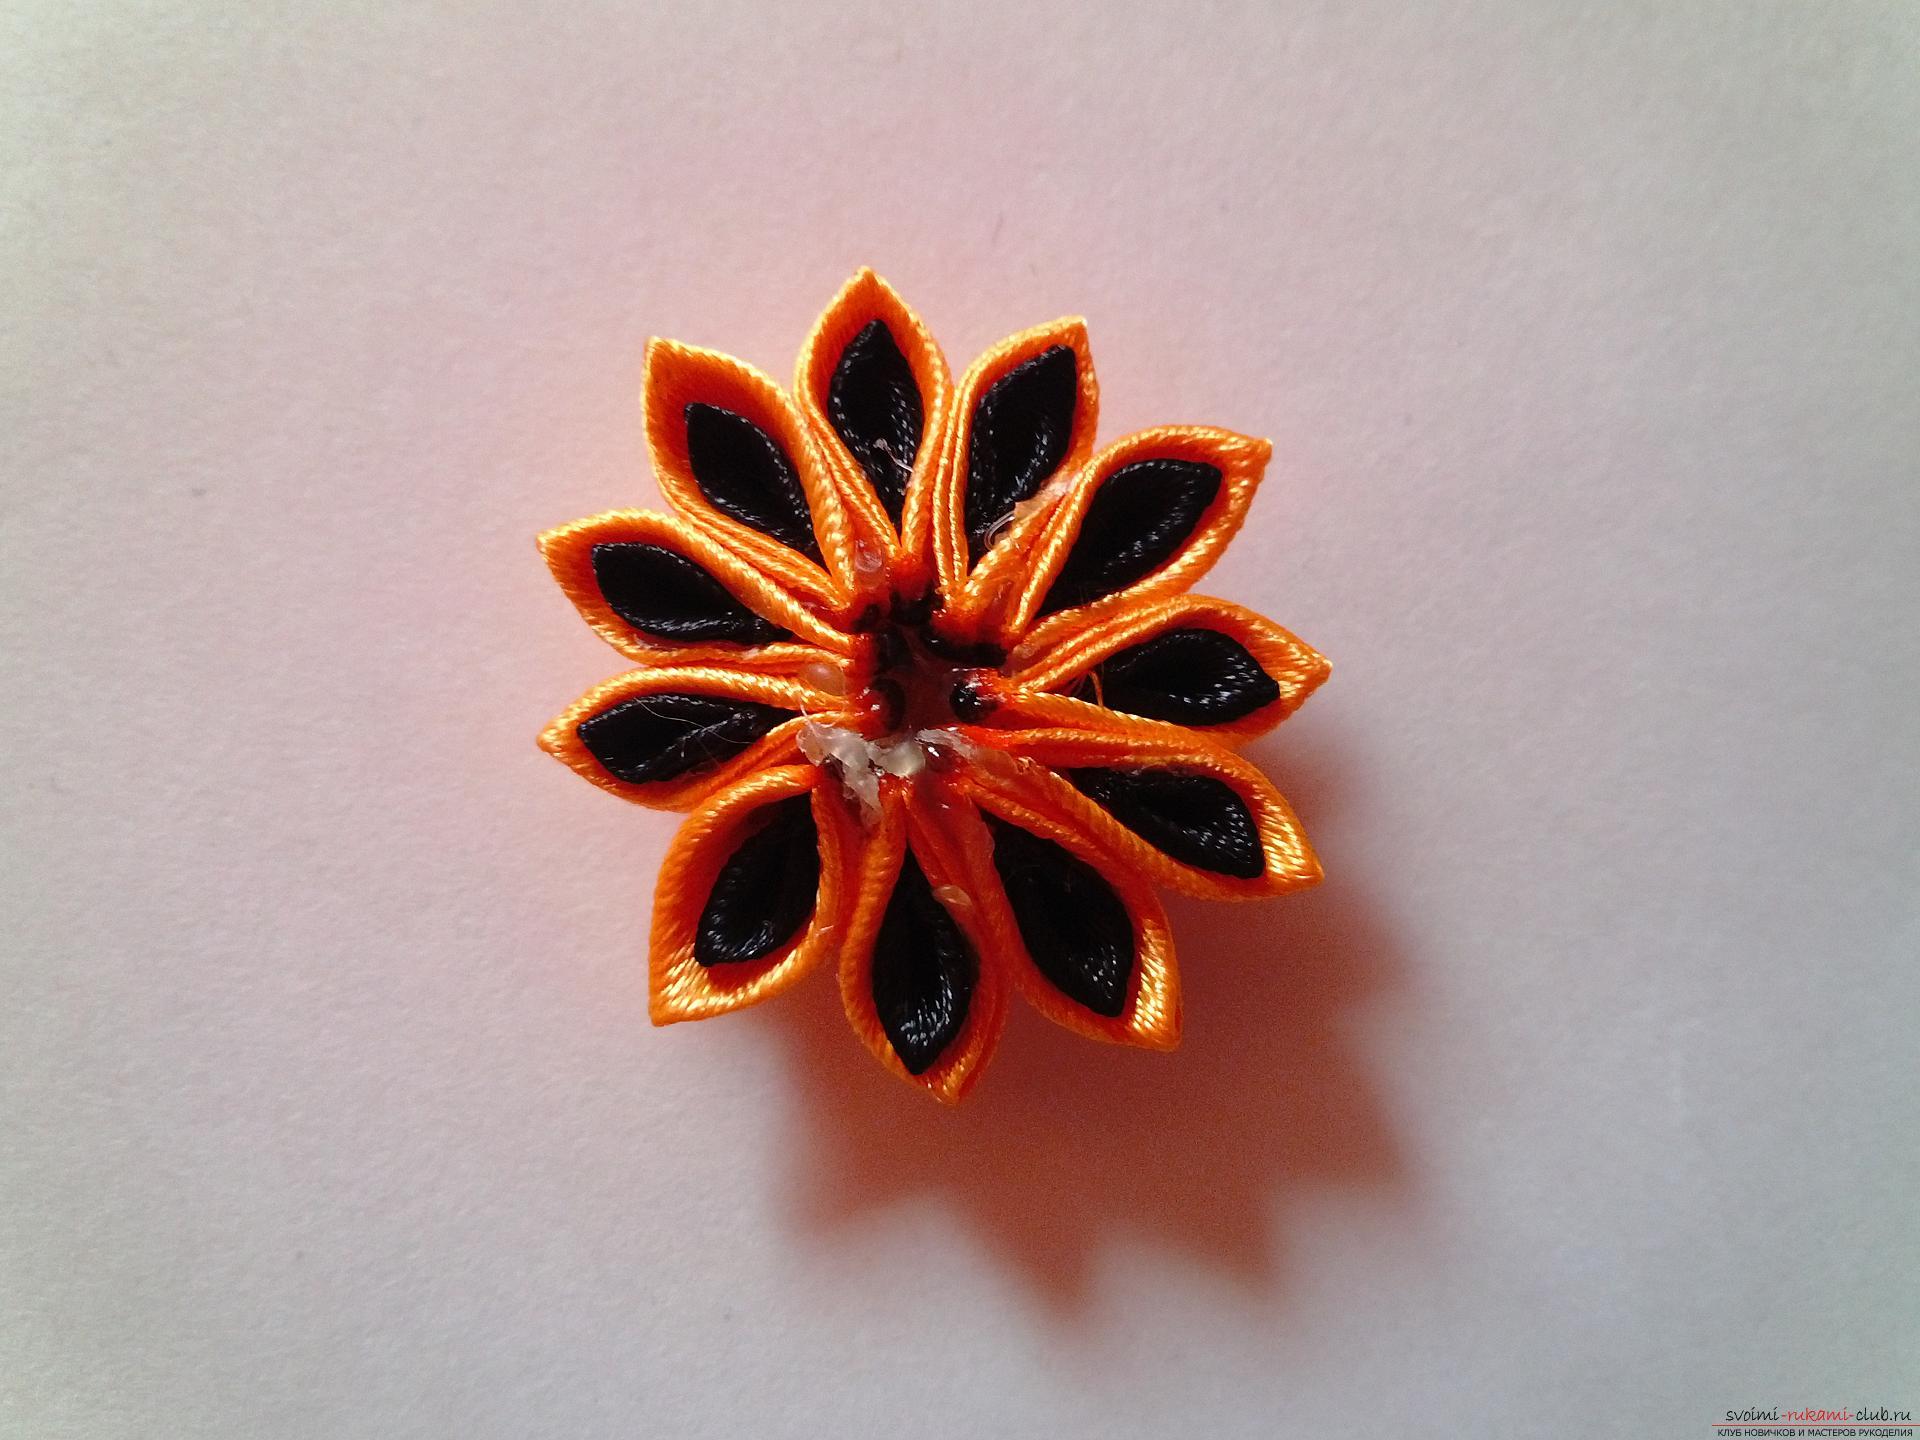 Этот мастер-класс научит как сделать брошь из георгиевской ленты, оригинально украсят которую цветы канзаши.. Фото №10